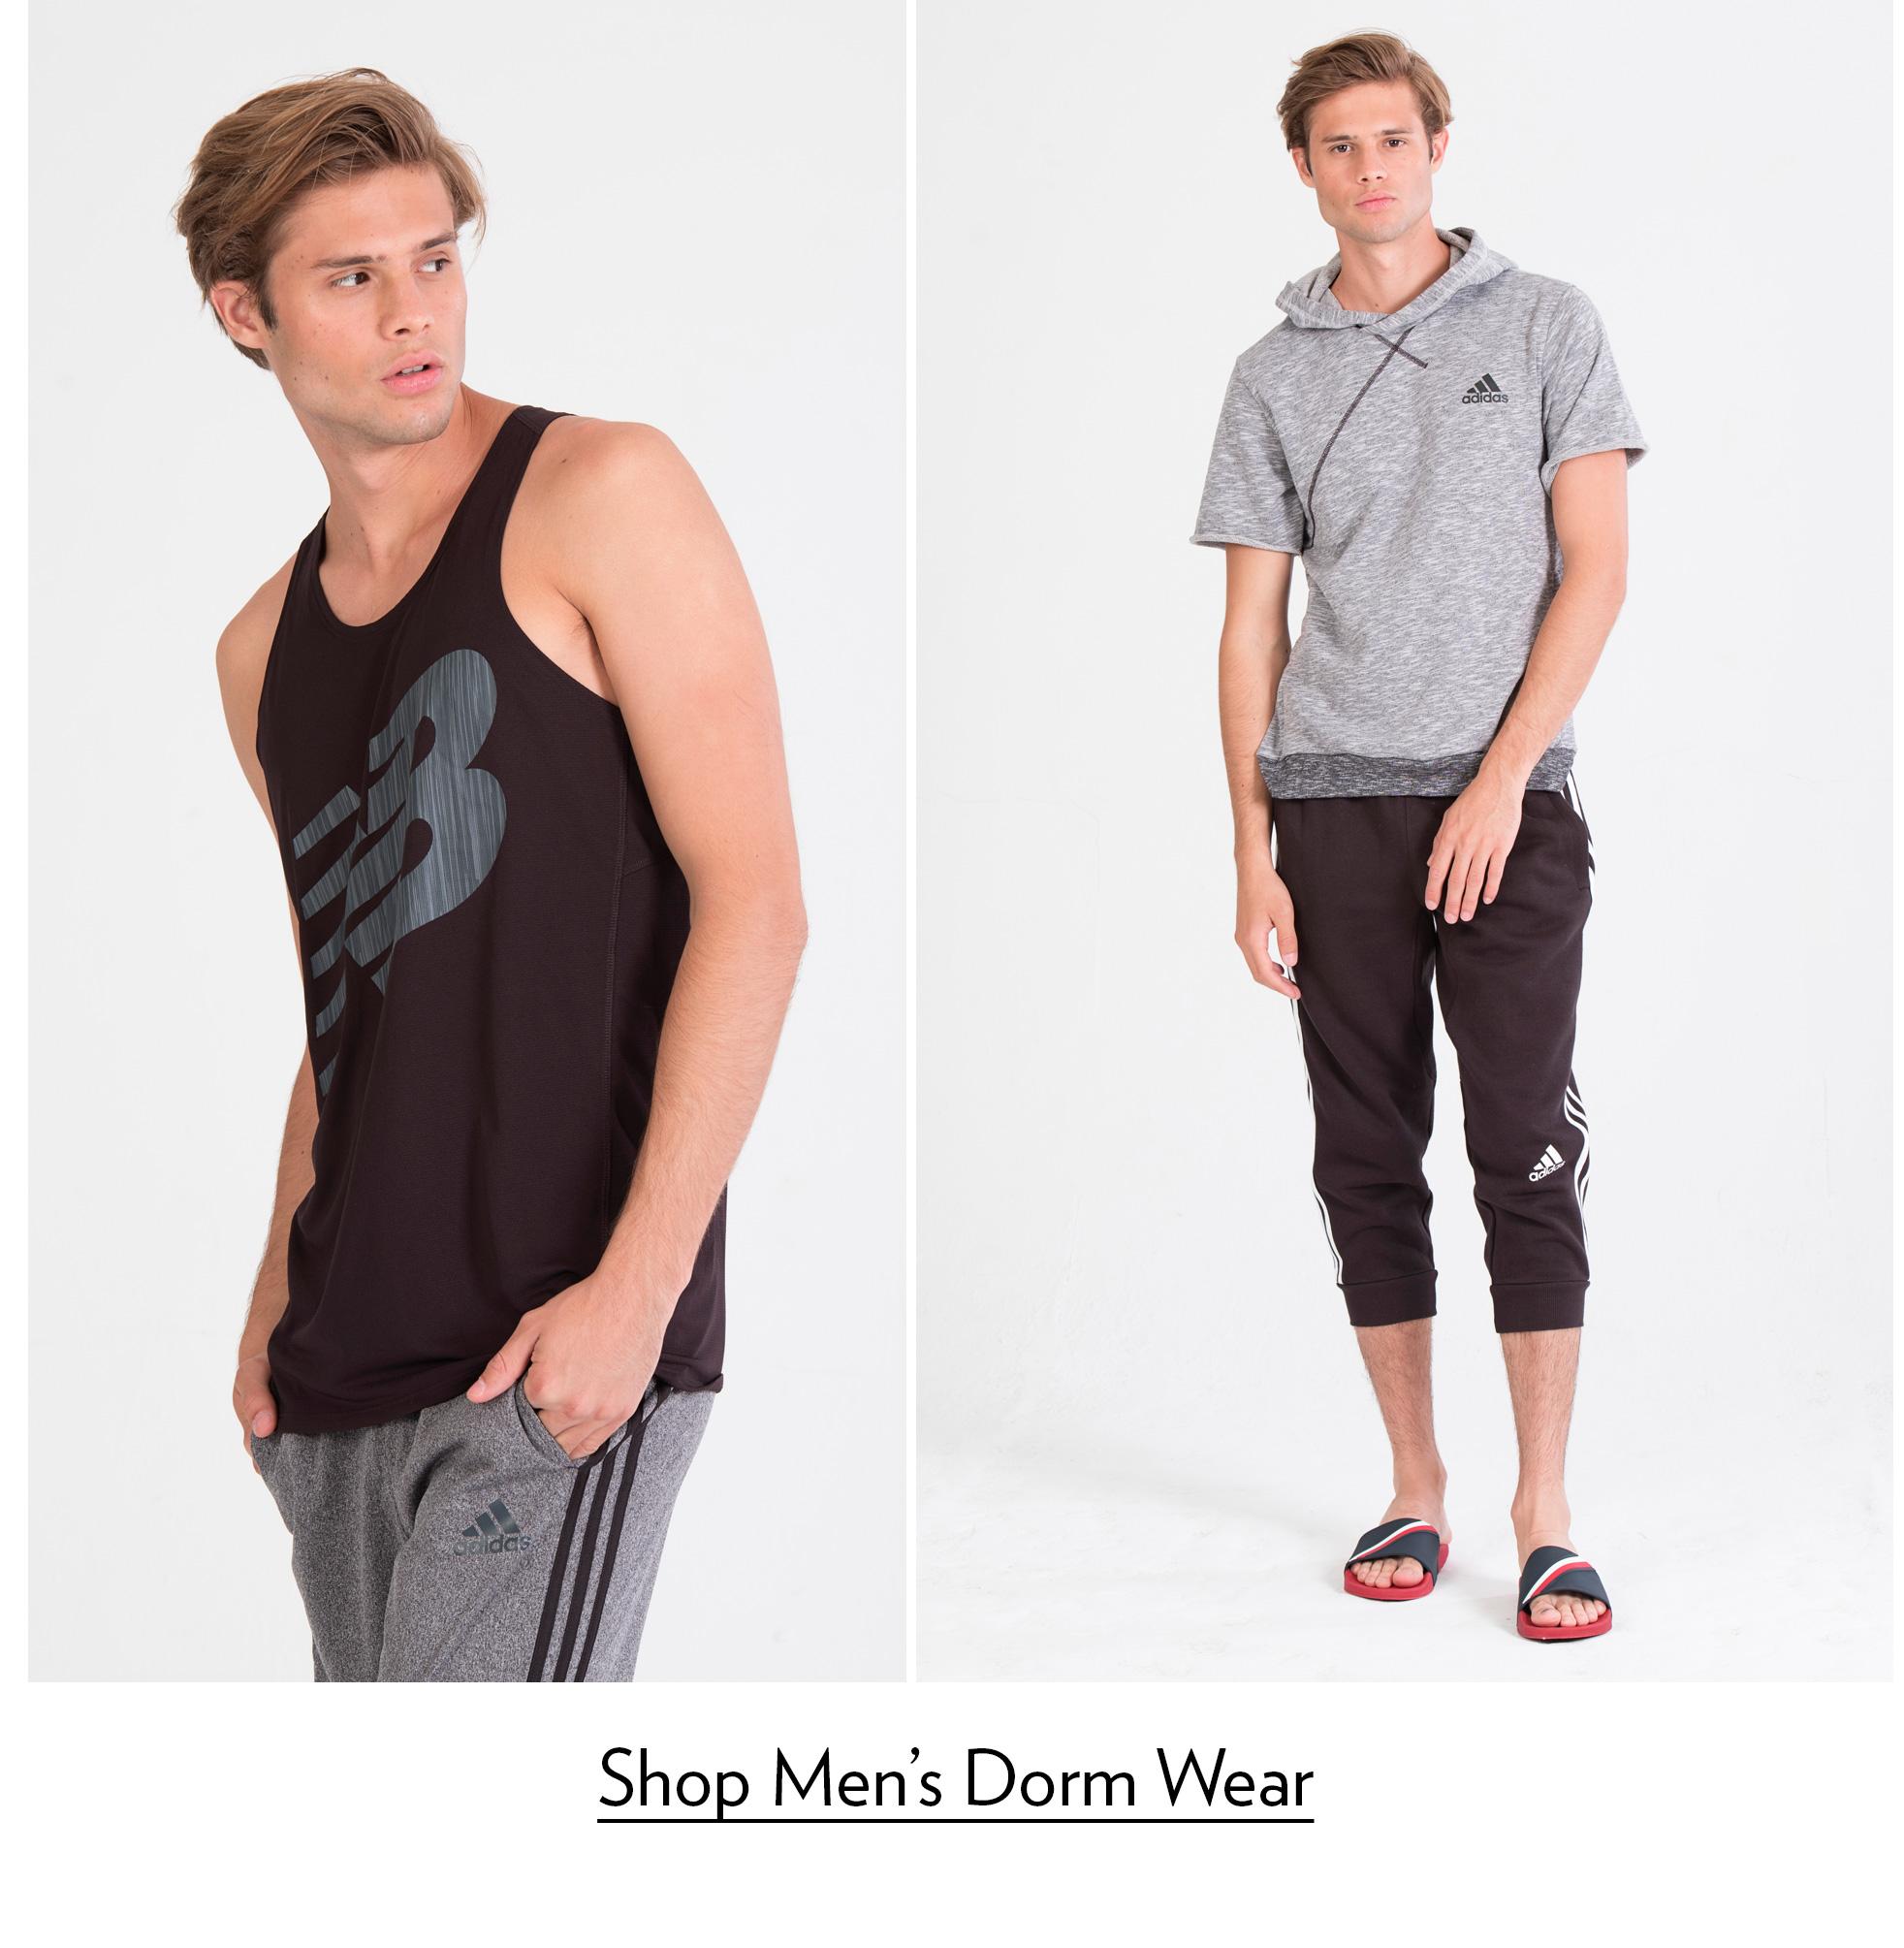 Men's Dorm Wear